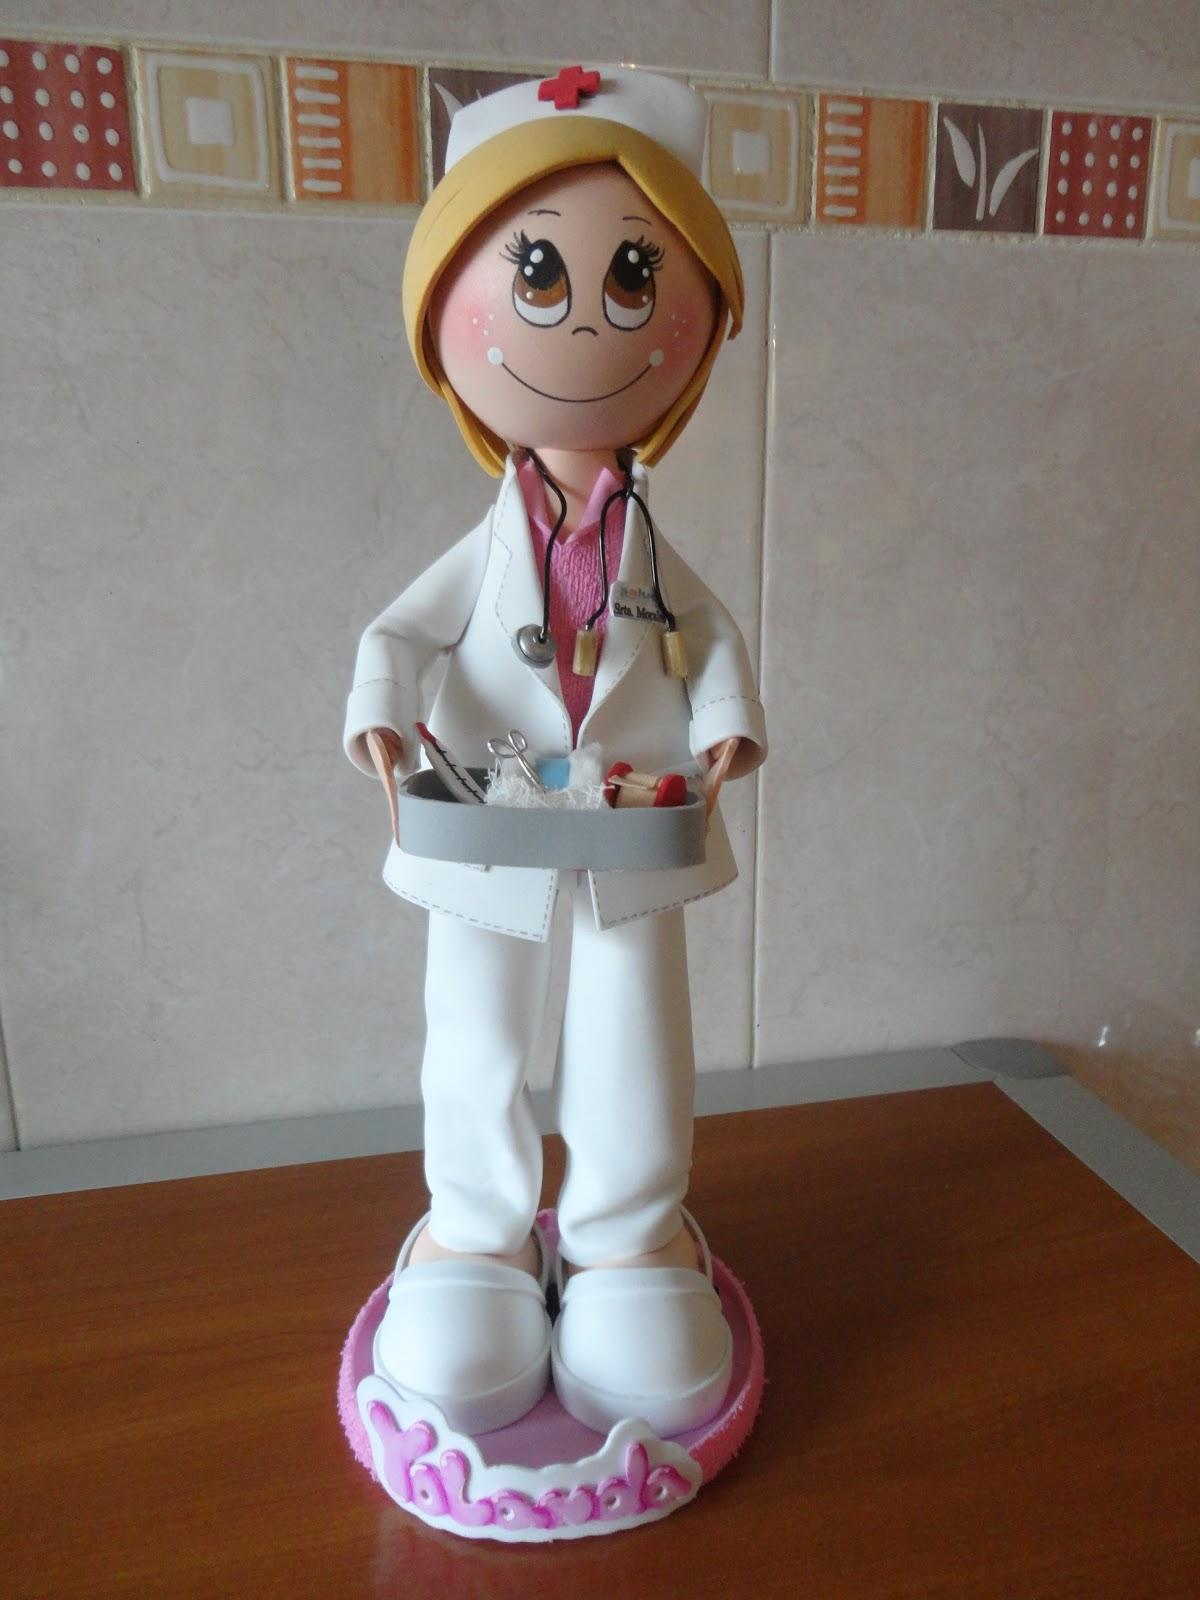 mariajo1066 (mariajo1066@hotmail.com): OTRA ENFERMERA